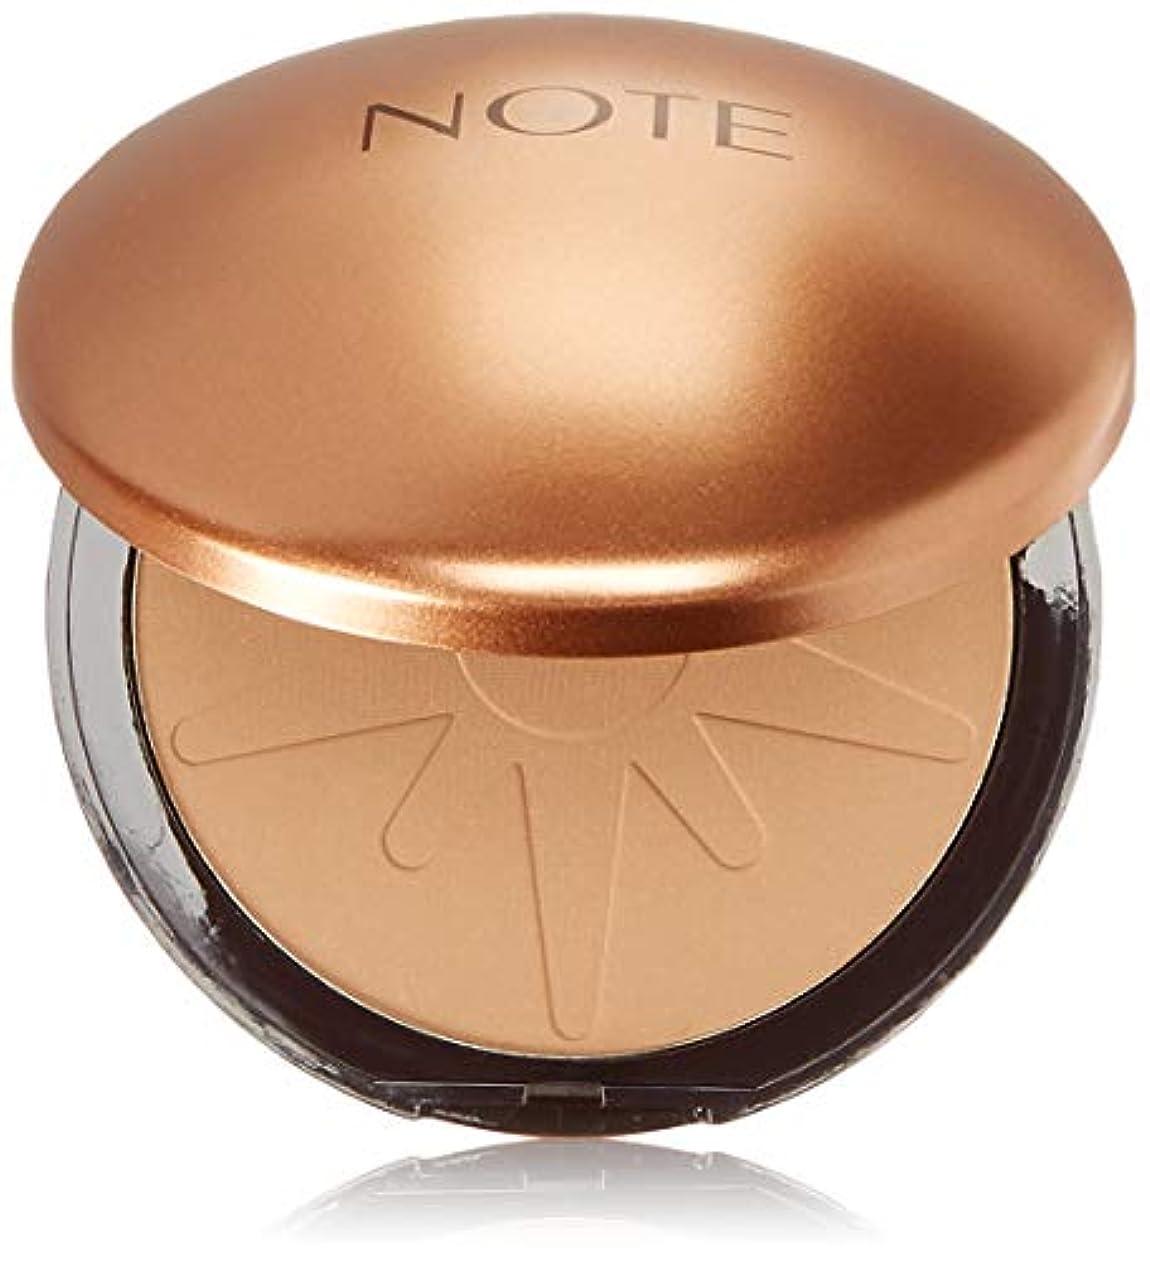 明るくする追い越す自治NOTE Cosmetics ブロンジングパウダー、1.1オンス 10号